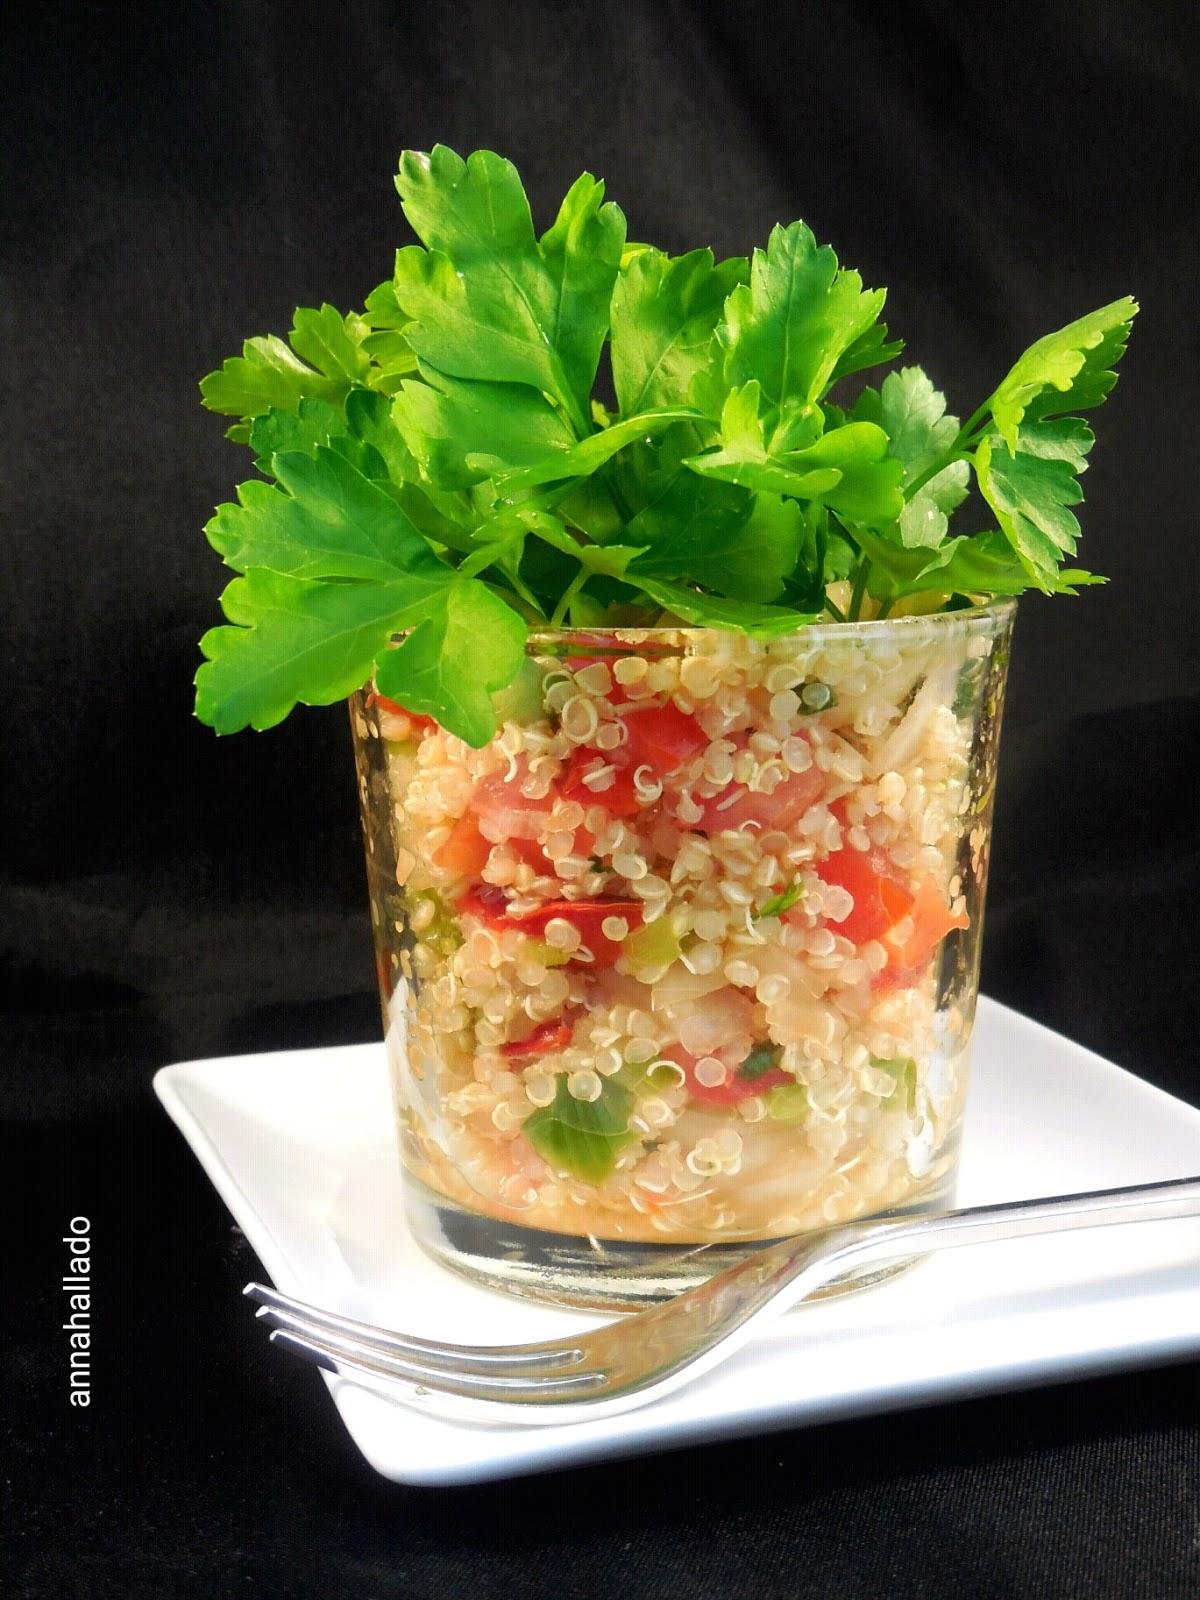 Ensalada de quinoa en vasito y su plantación de perejil